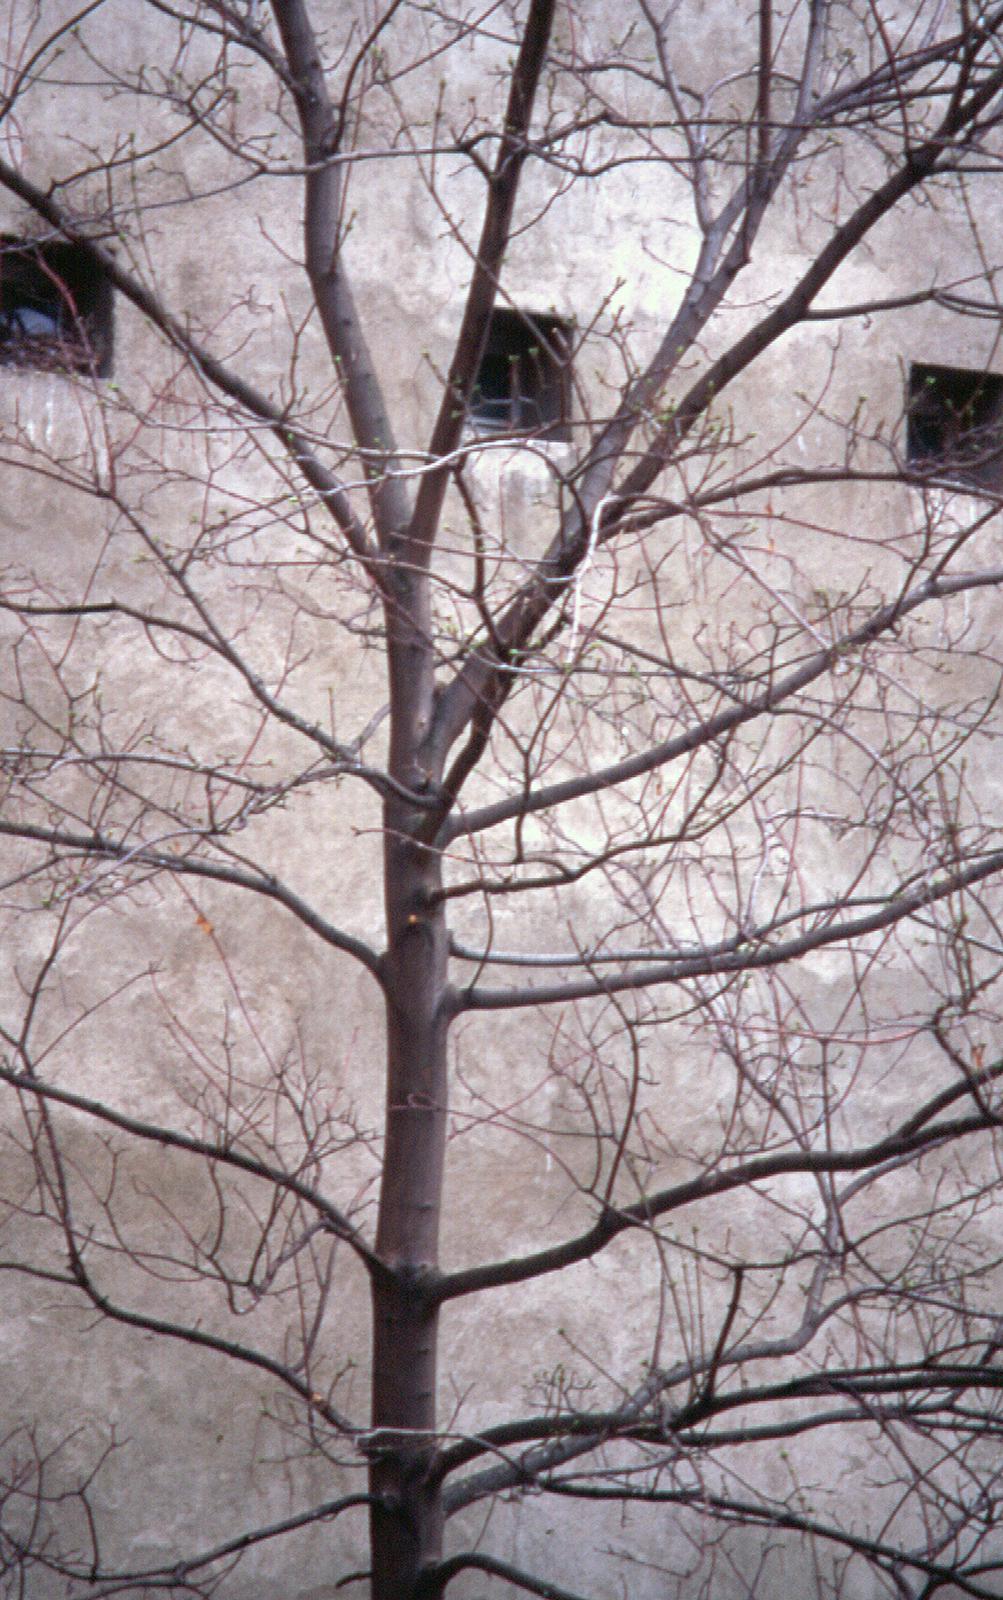 001 - PSD - Arbol y ventanas retocado PEQ